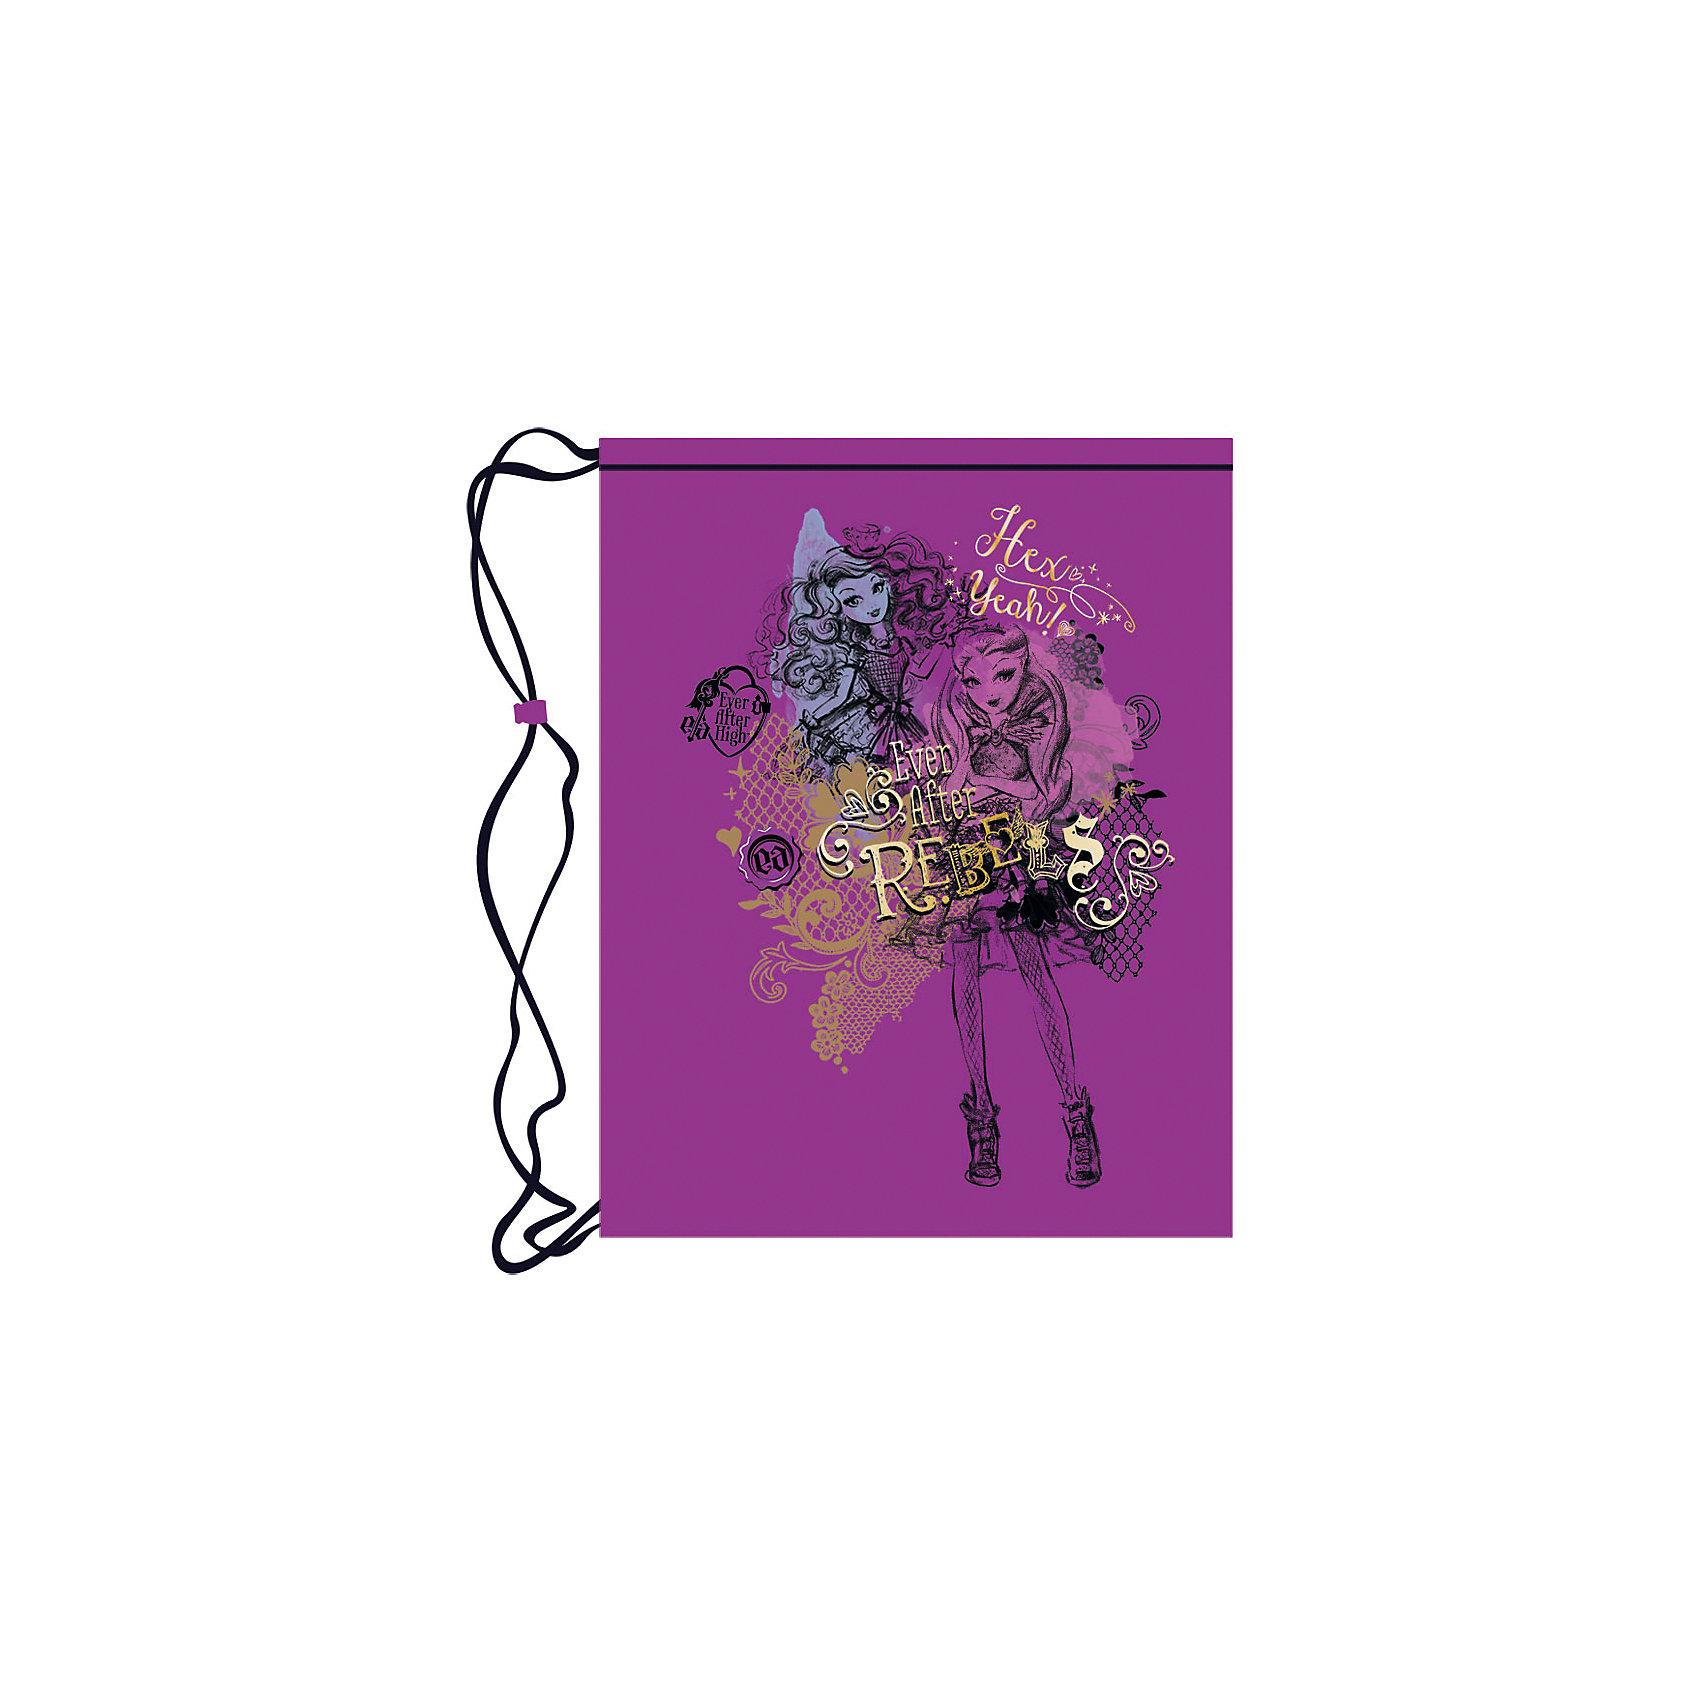 Фиолетовый мешок для обуви Ever after HighМешок для обуви Ever after High (Эвер Афтер Хай) идеально подойдет для сменной обуви маленькой школьницы и для физкультурной формы. Мешок выполнен из прочной ткани с водоотталкивающим покрытием, затягивается специальными уплотненными шнурками, выполняющими одновременно<br>роль лямок. Мешок имеет привлекательный для девочек дизайн с сиреневой расцветкой и изображением героинь популярного мультсериала Ever after High (Эвер Афтер Хай) (Школа Долго и Счастливо).<br><br>Дополнительная информация:<br><br>- Материал: полиэстер 210D.<br>- Размер: 43 х 33 см.<br>- Вес: 40 гр. <br><br>Фиолетовый мешок для обуви Ever after High (Эвер Афтер Хай) можно купить в нашем интернет-магазине.<br><br>Ширина мм: 200<br>Глубина мм: 430<br>Высота мм: 330<br>Вес г: 40<br>Возраст от месяцев: 48<br>Возраст до месяцев: 96<br>Пол: Женский<br>Возраст: Детский<br>SKU: 4131189